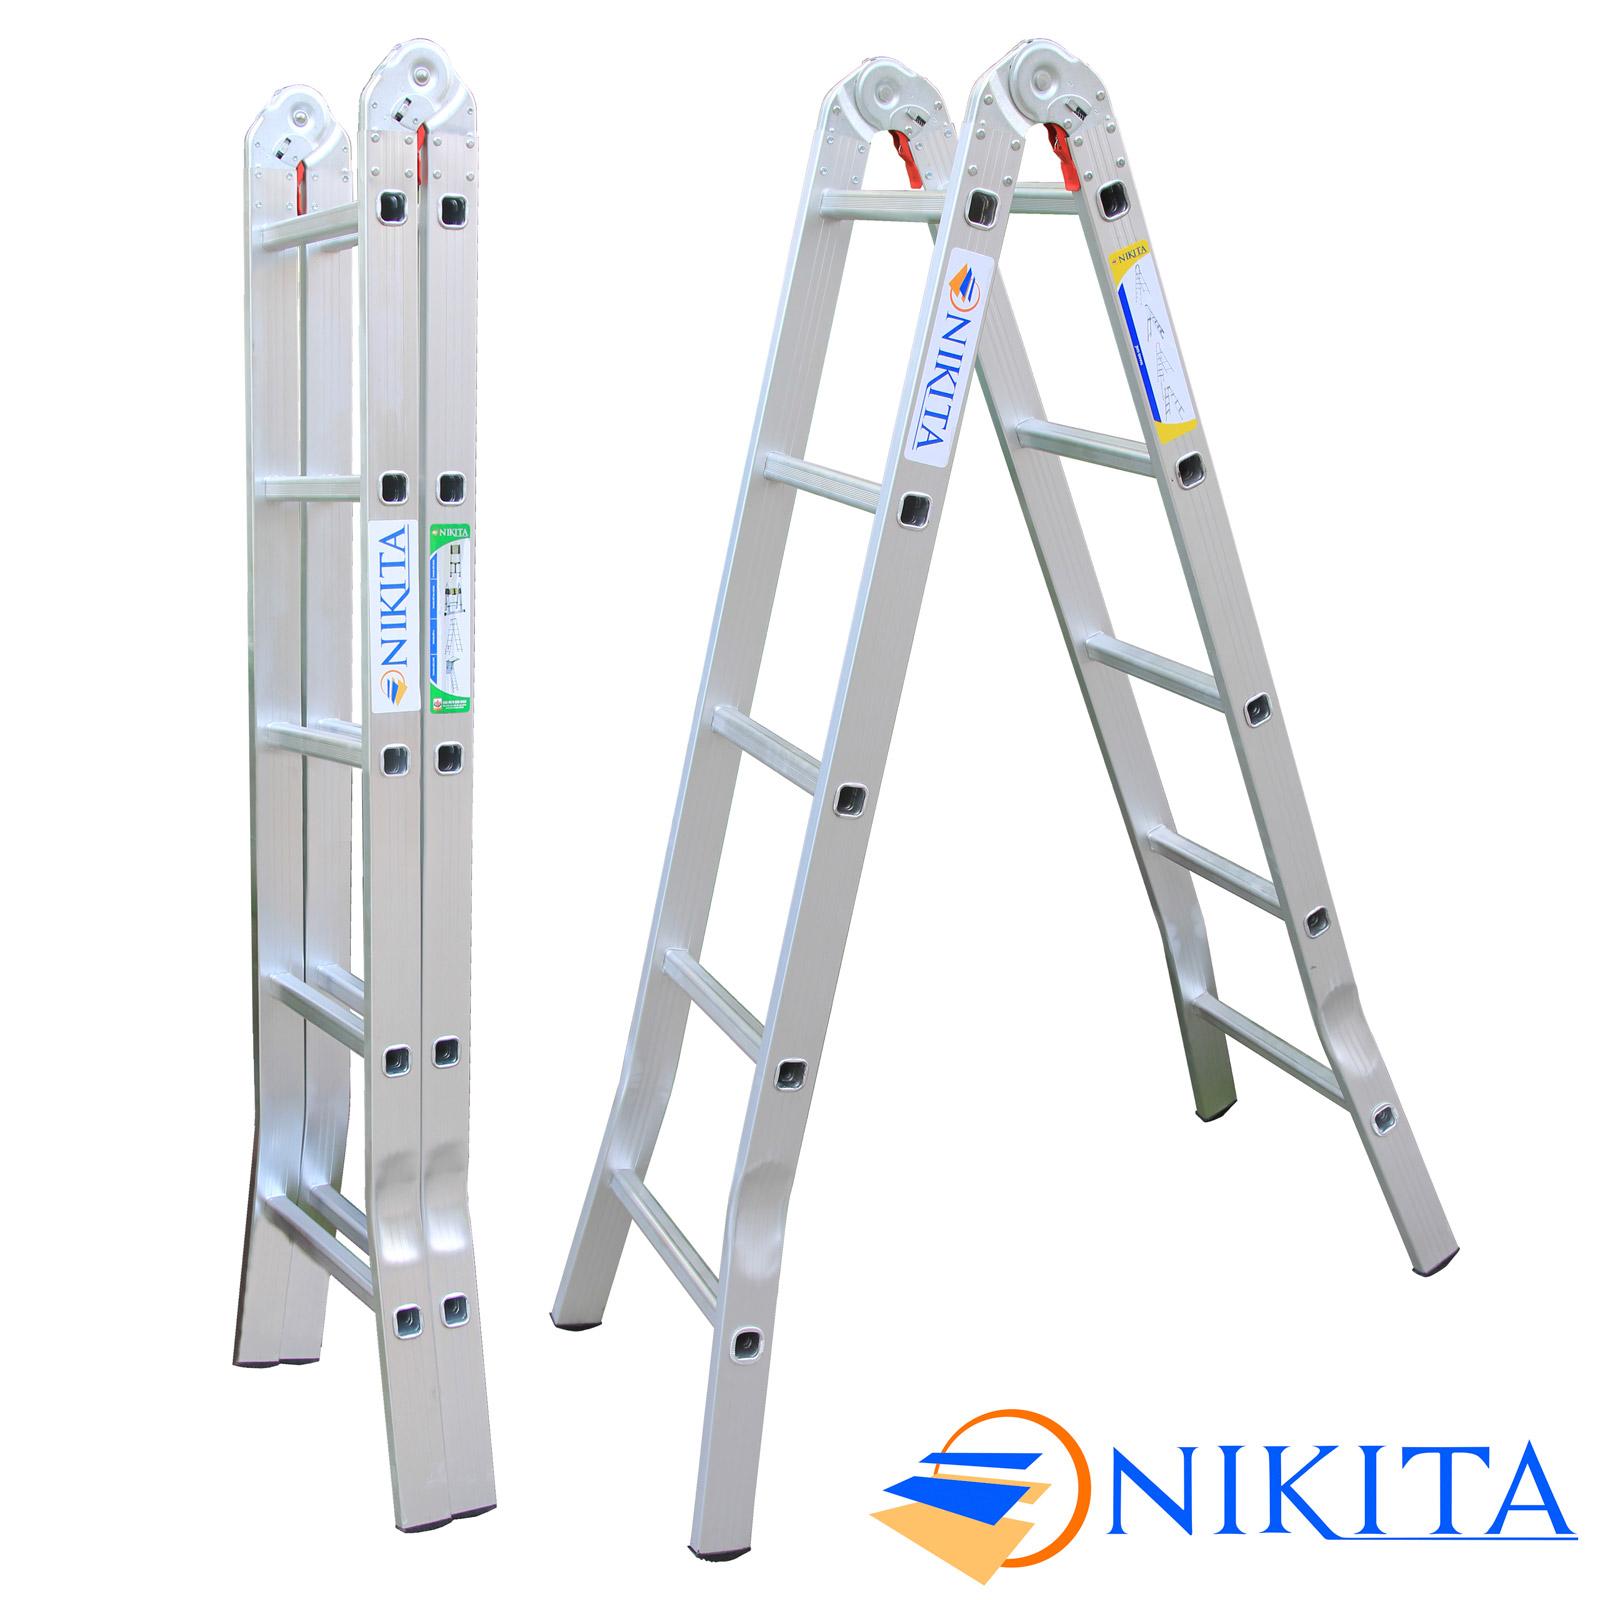 thang nhôm chữ a nikita A15